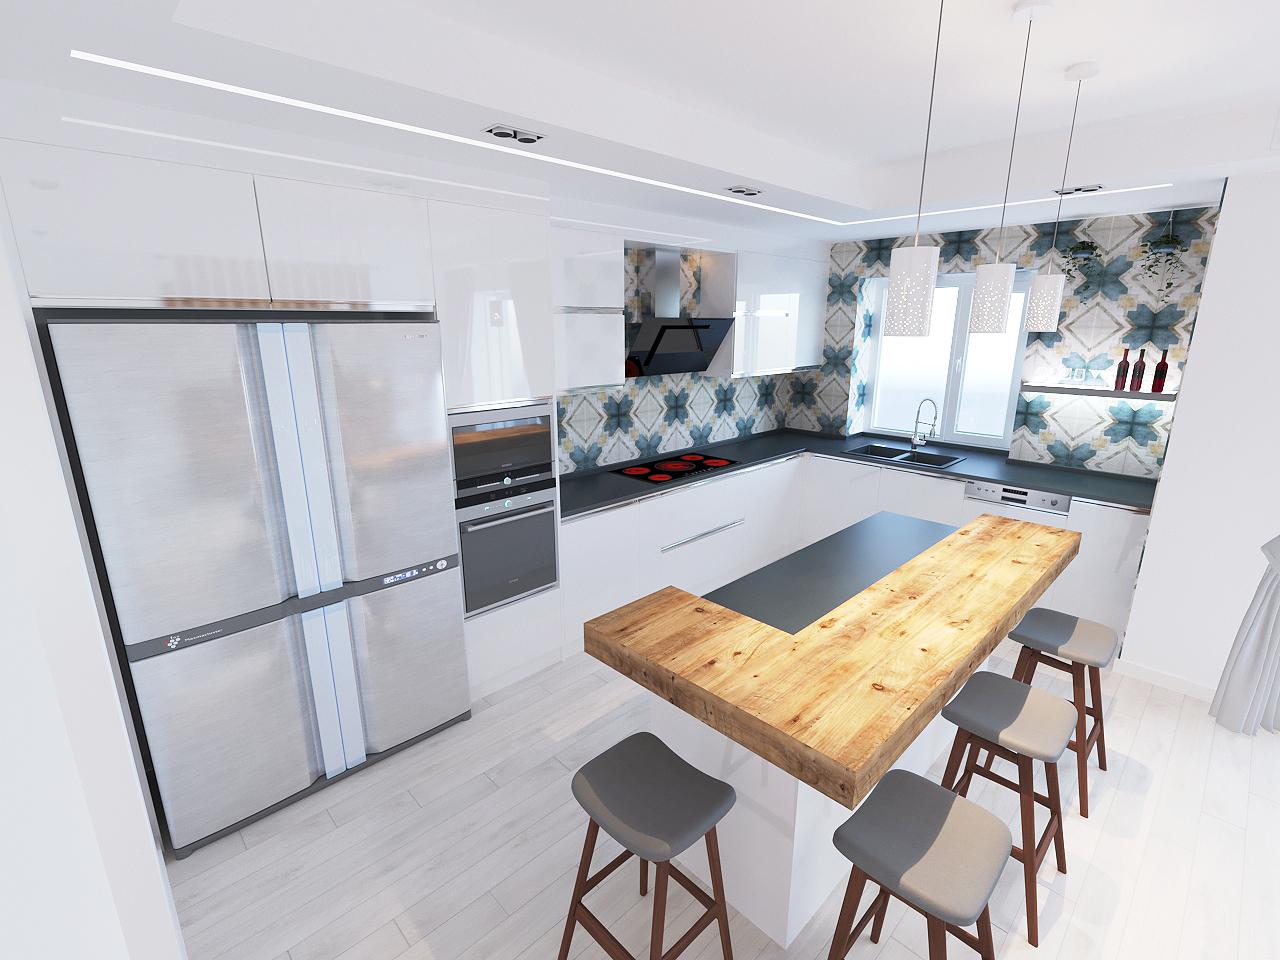 Дизайн проект интерьера первого уровня квартиры 69,9 м.кв. фото f_5555a8533a3295c5.jpg